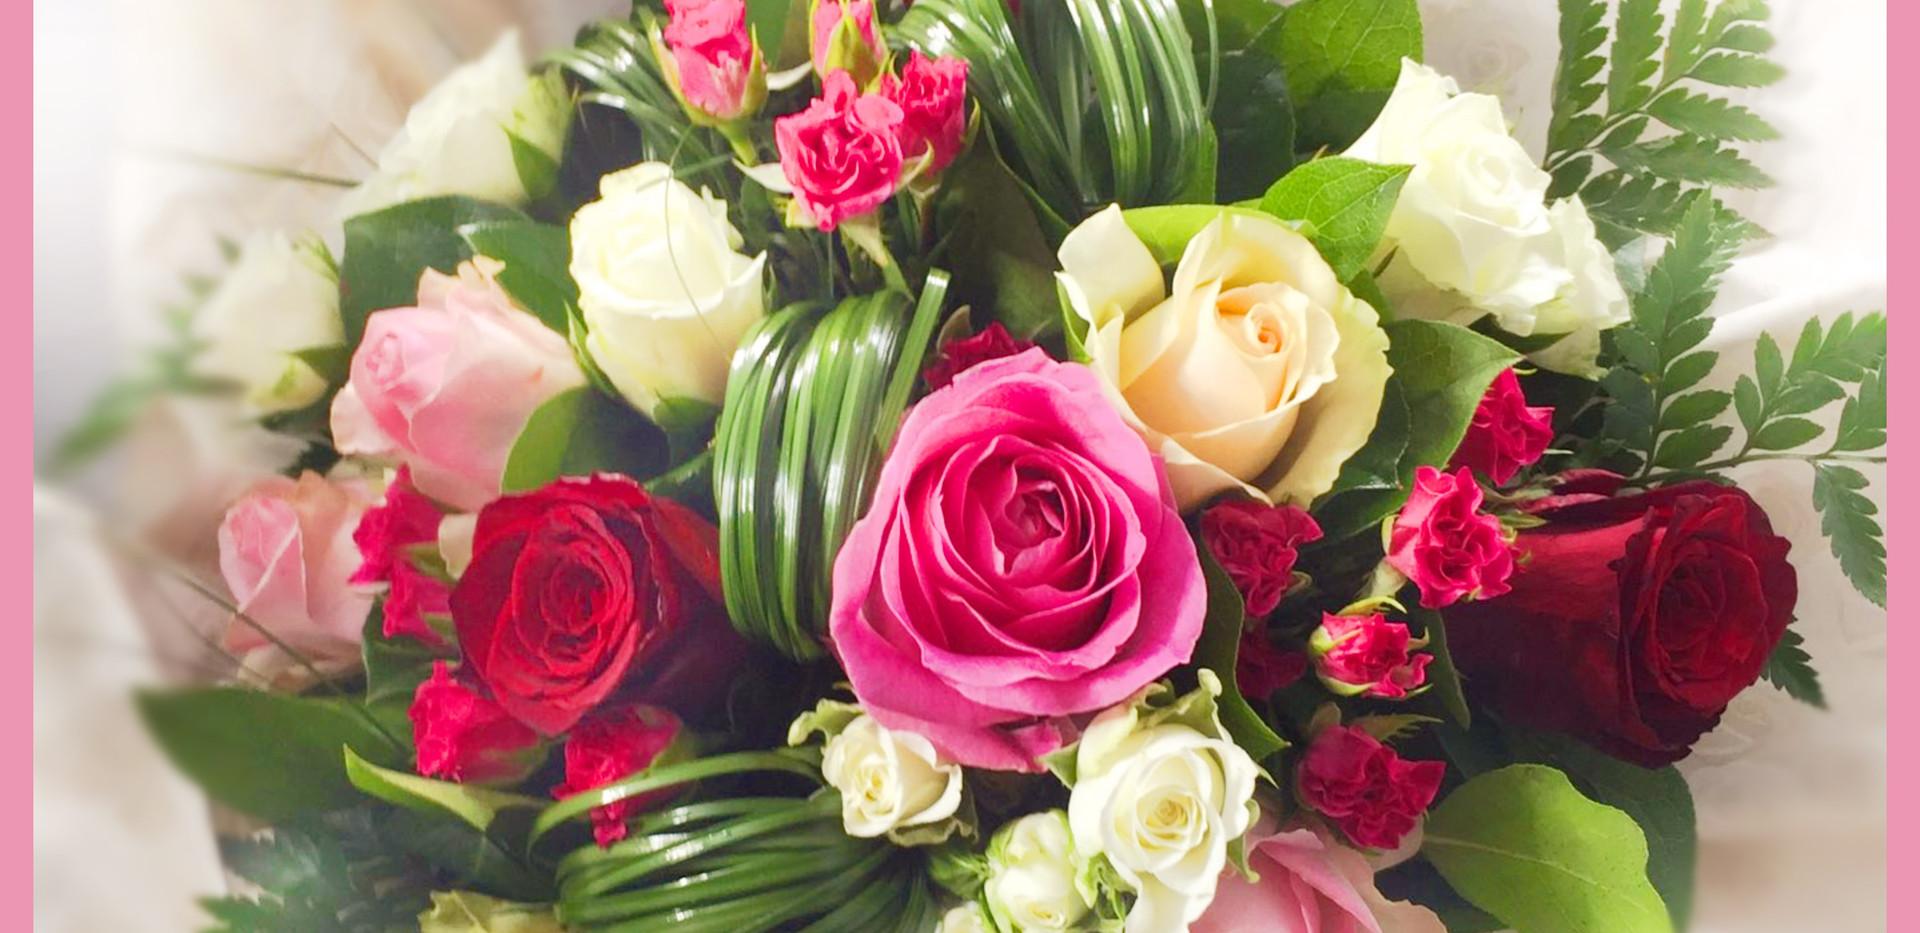 Bouquet_roses_multicolores_autant_de_fle